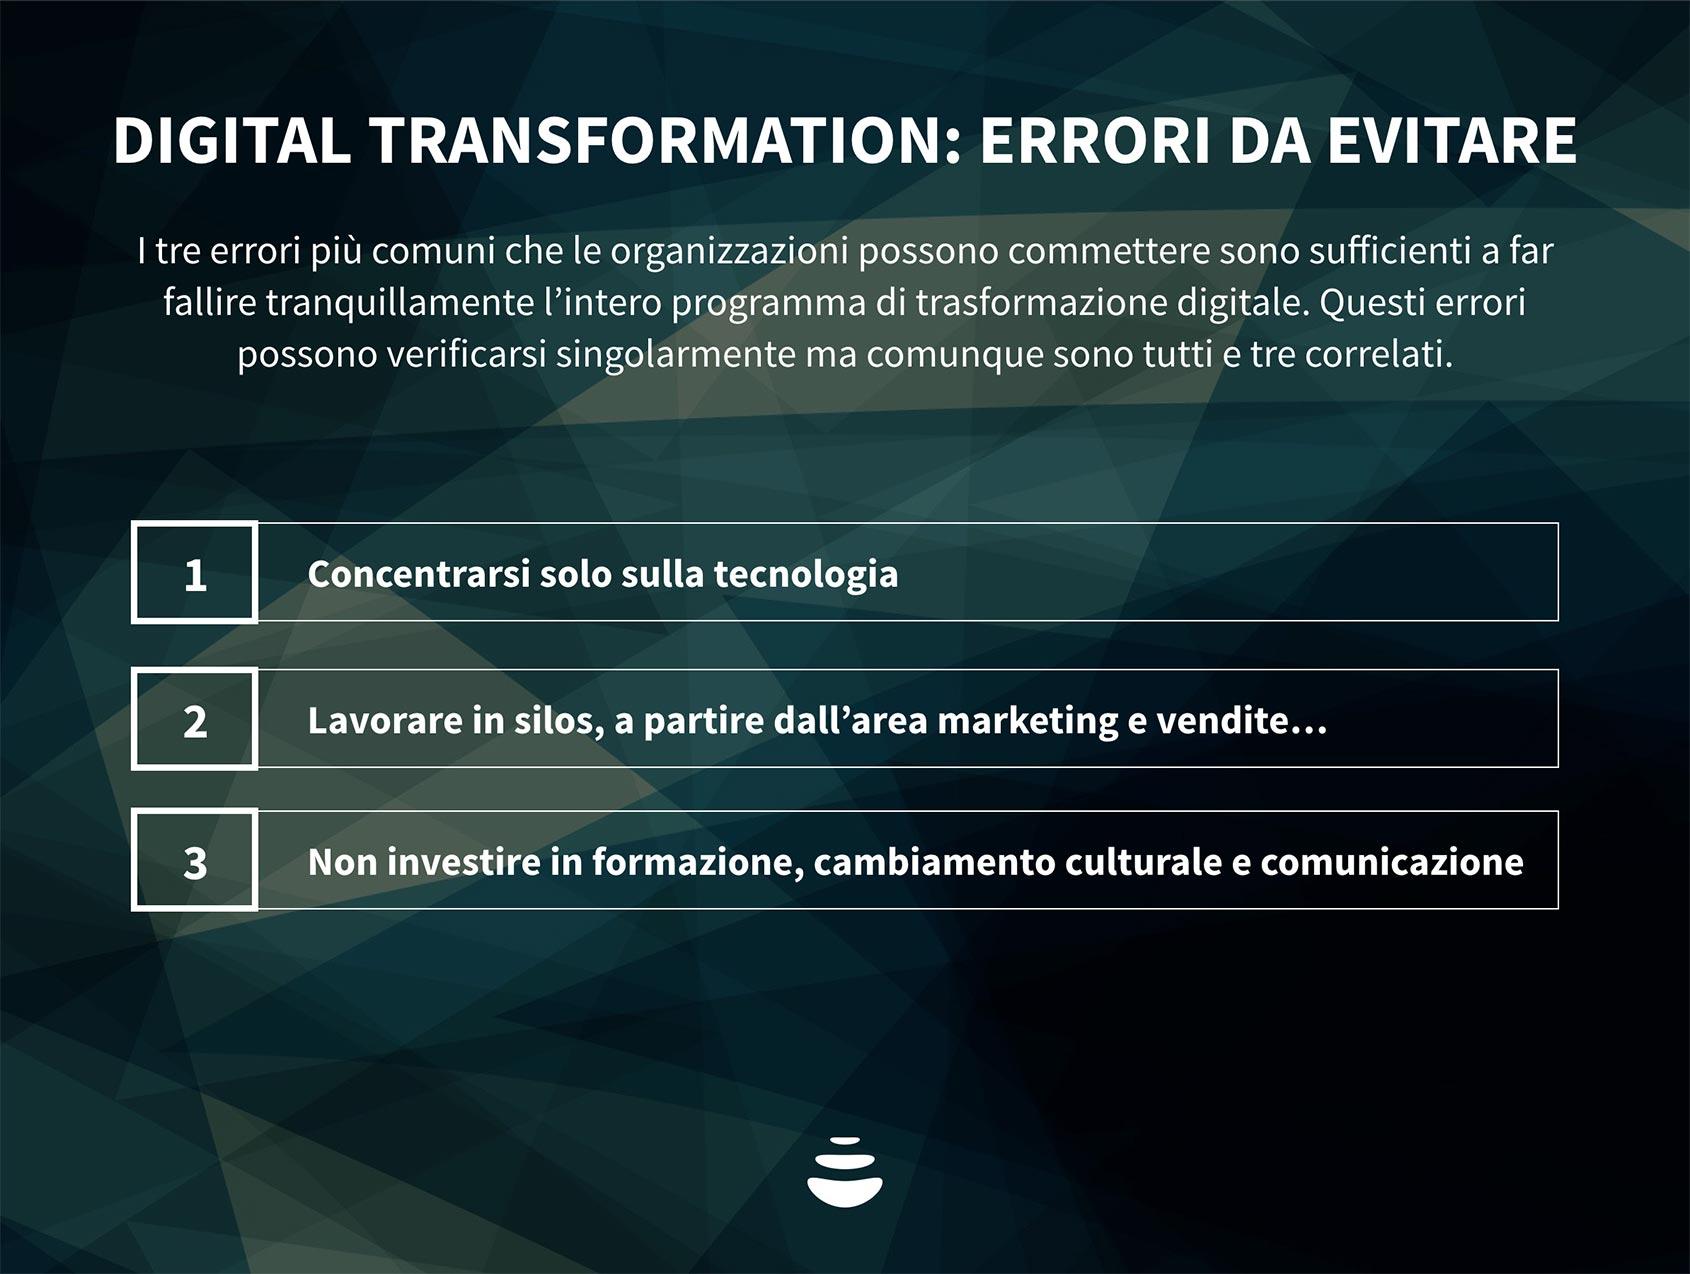 Gli errori da evitare nell'implementazione della digital transformation